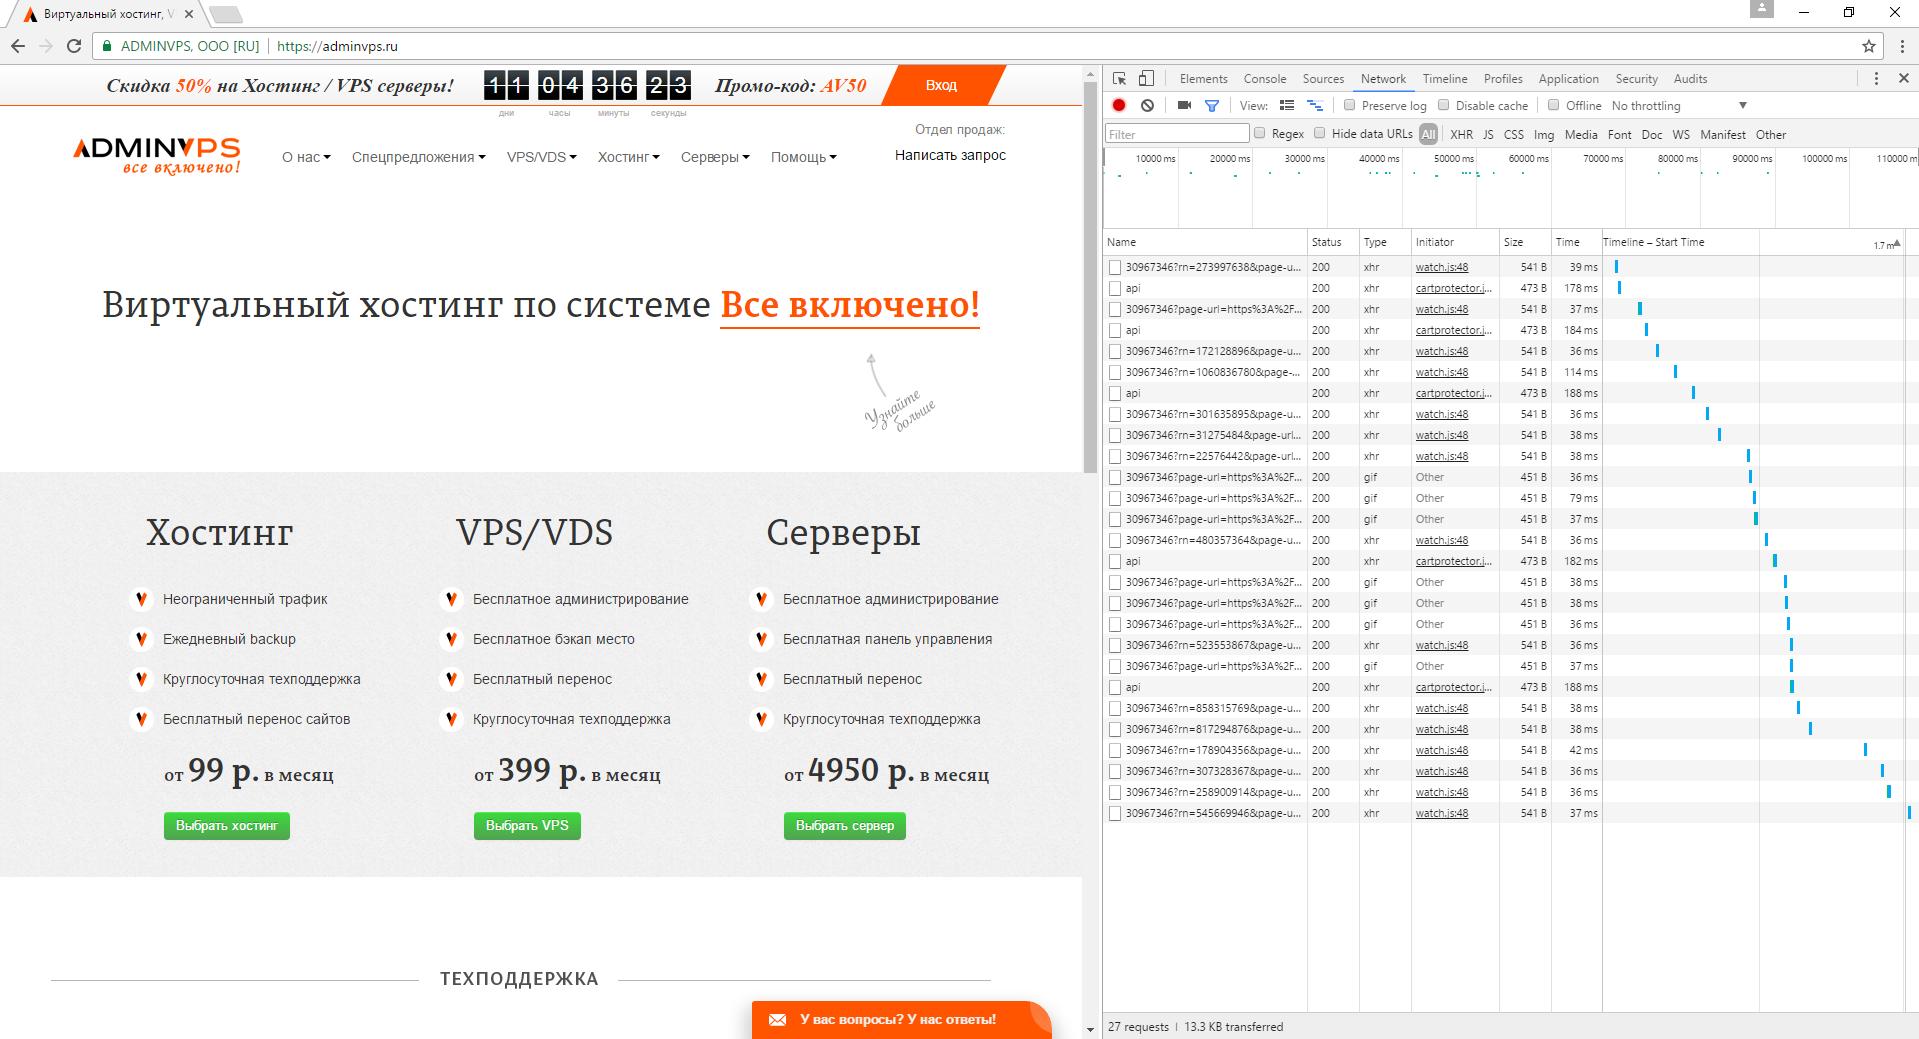 Настройка инструментов разработчика для ускорения сайта